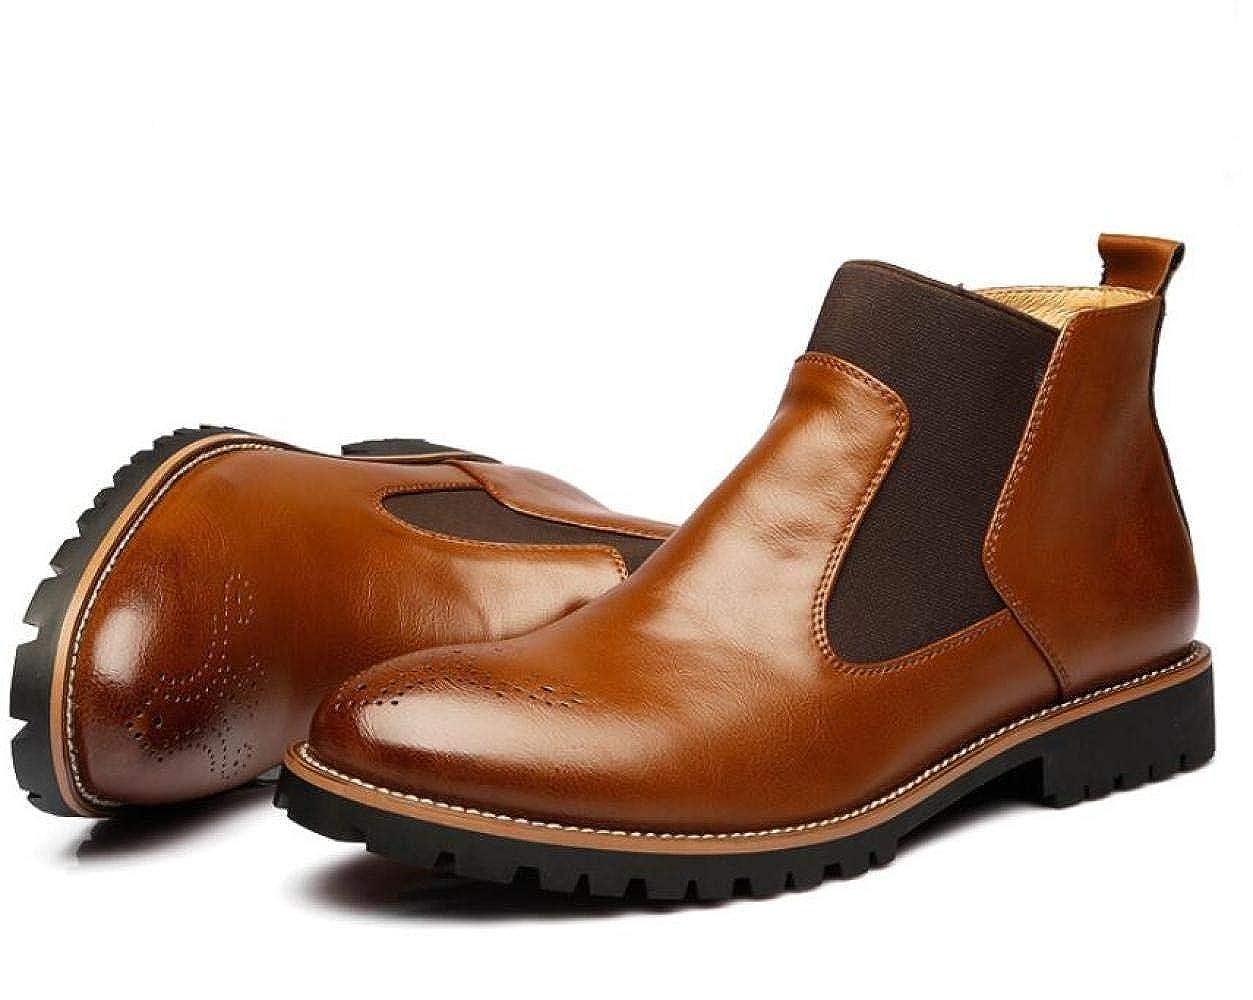 Stiefel Der Winterart- Und Weisemänner Lederne Stiefel Martin Lädt Männer Die Schuhe Der Beiläufigen Männer Lädt Auf Braun 7c4d09